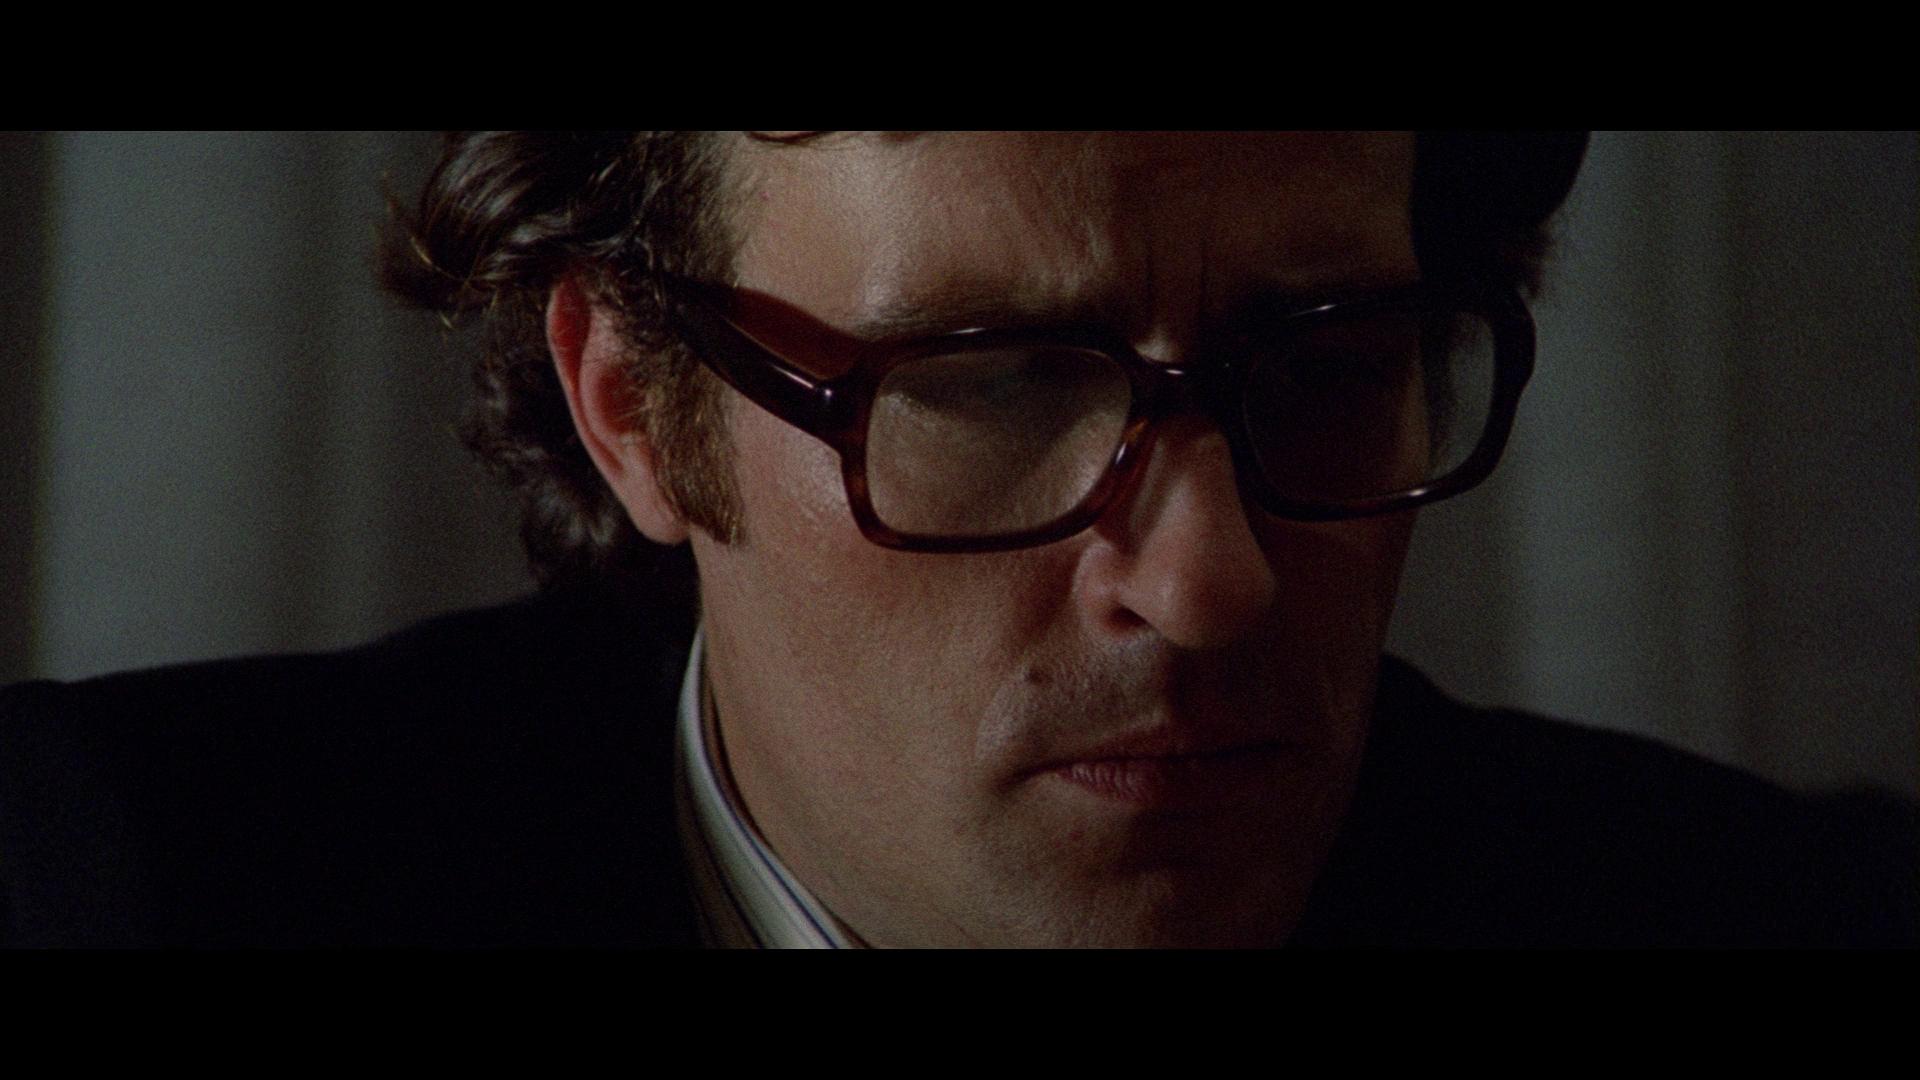 Claudio Cassinelli in La polizia chiede aiuto (1974)